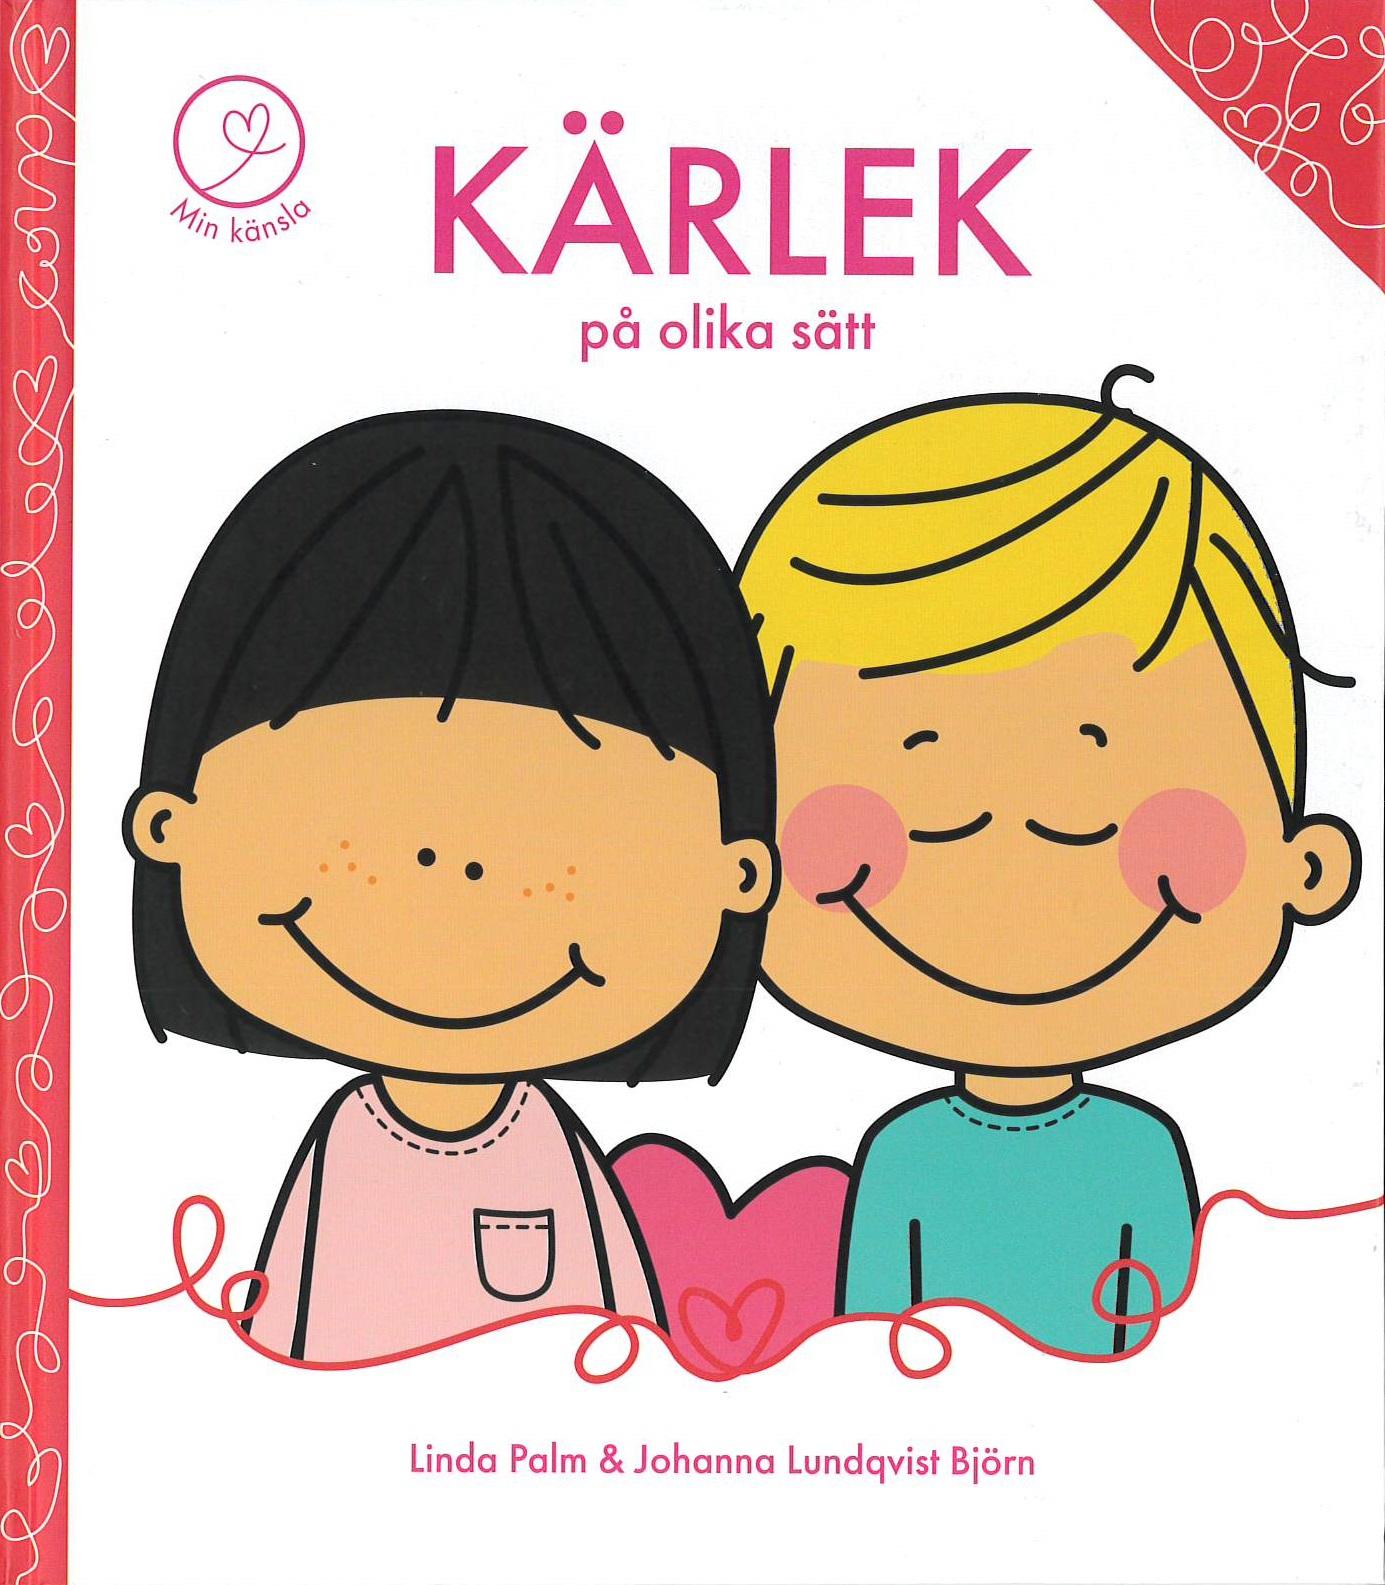 Kärlek på olika sätt artikelnummer 2588 via bibelbutiken.se